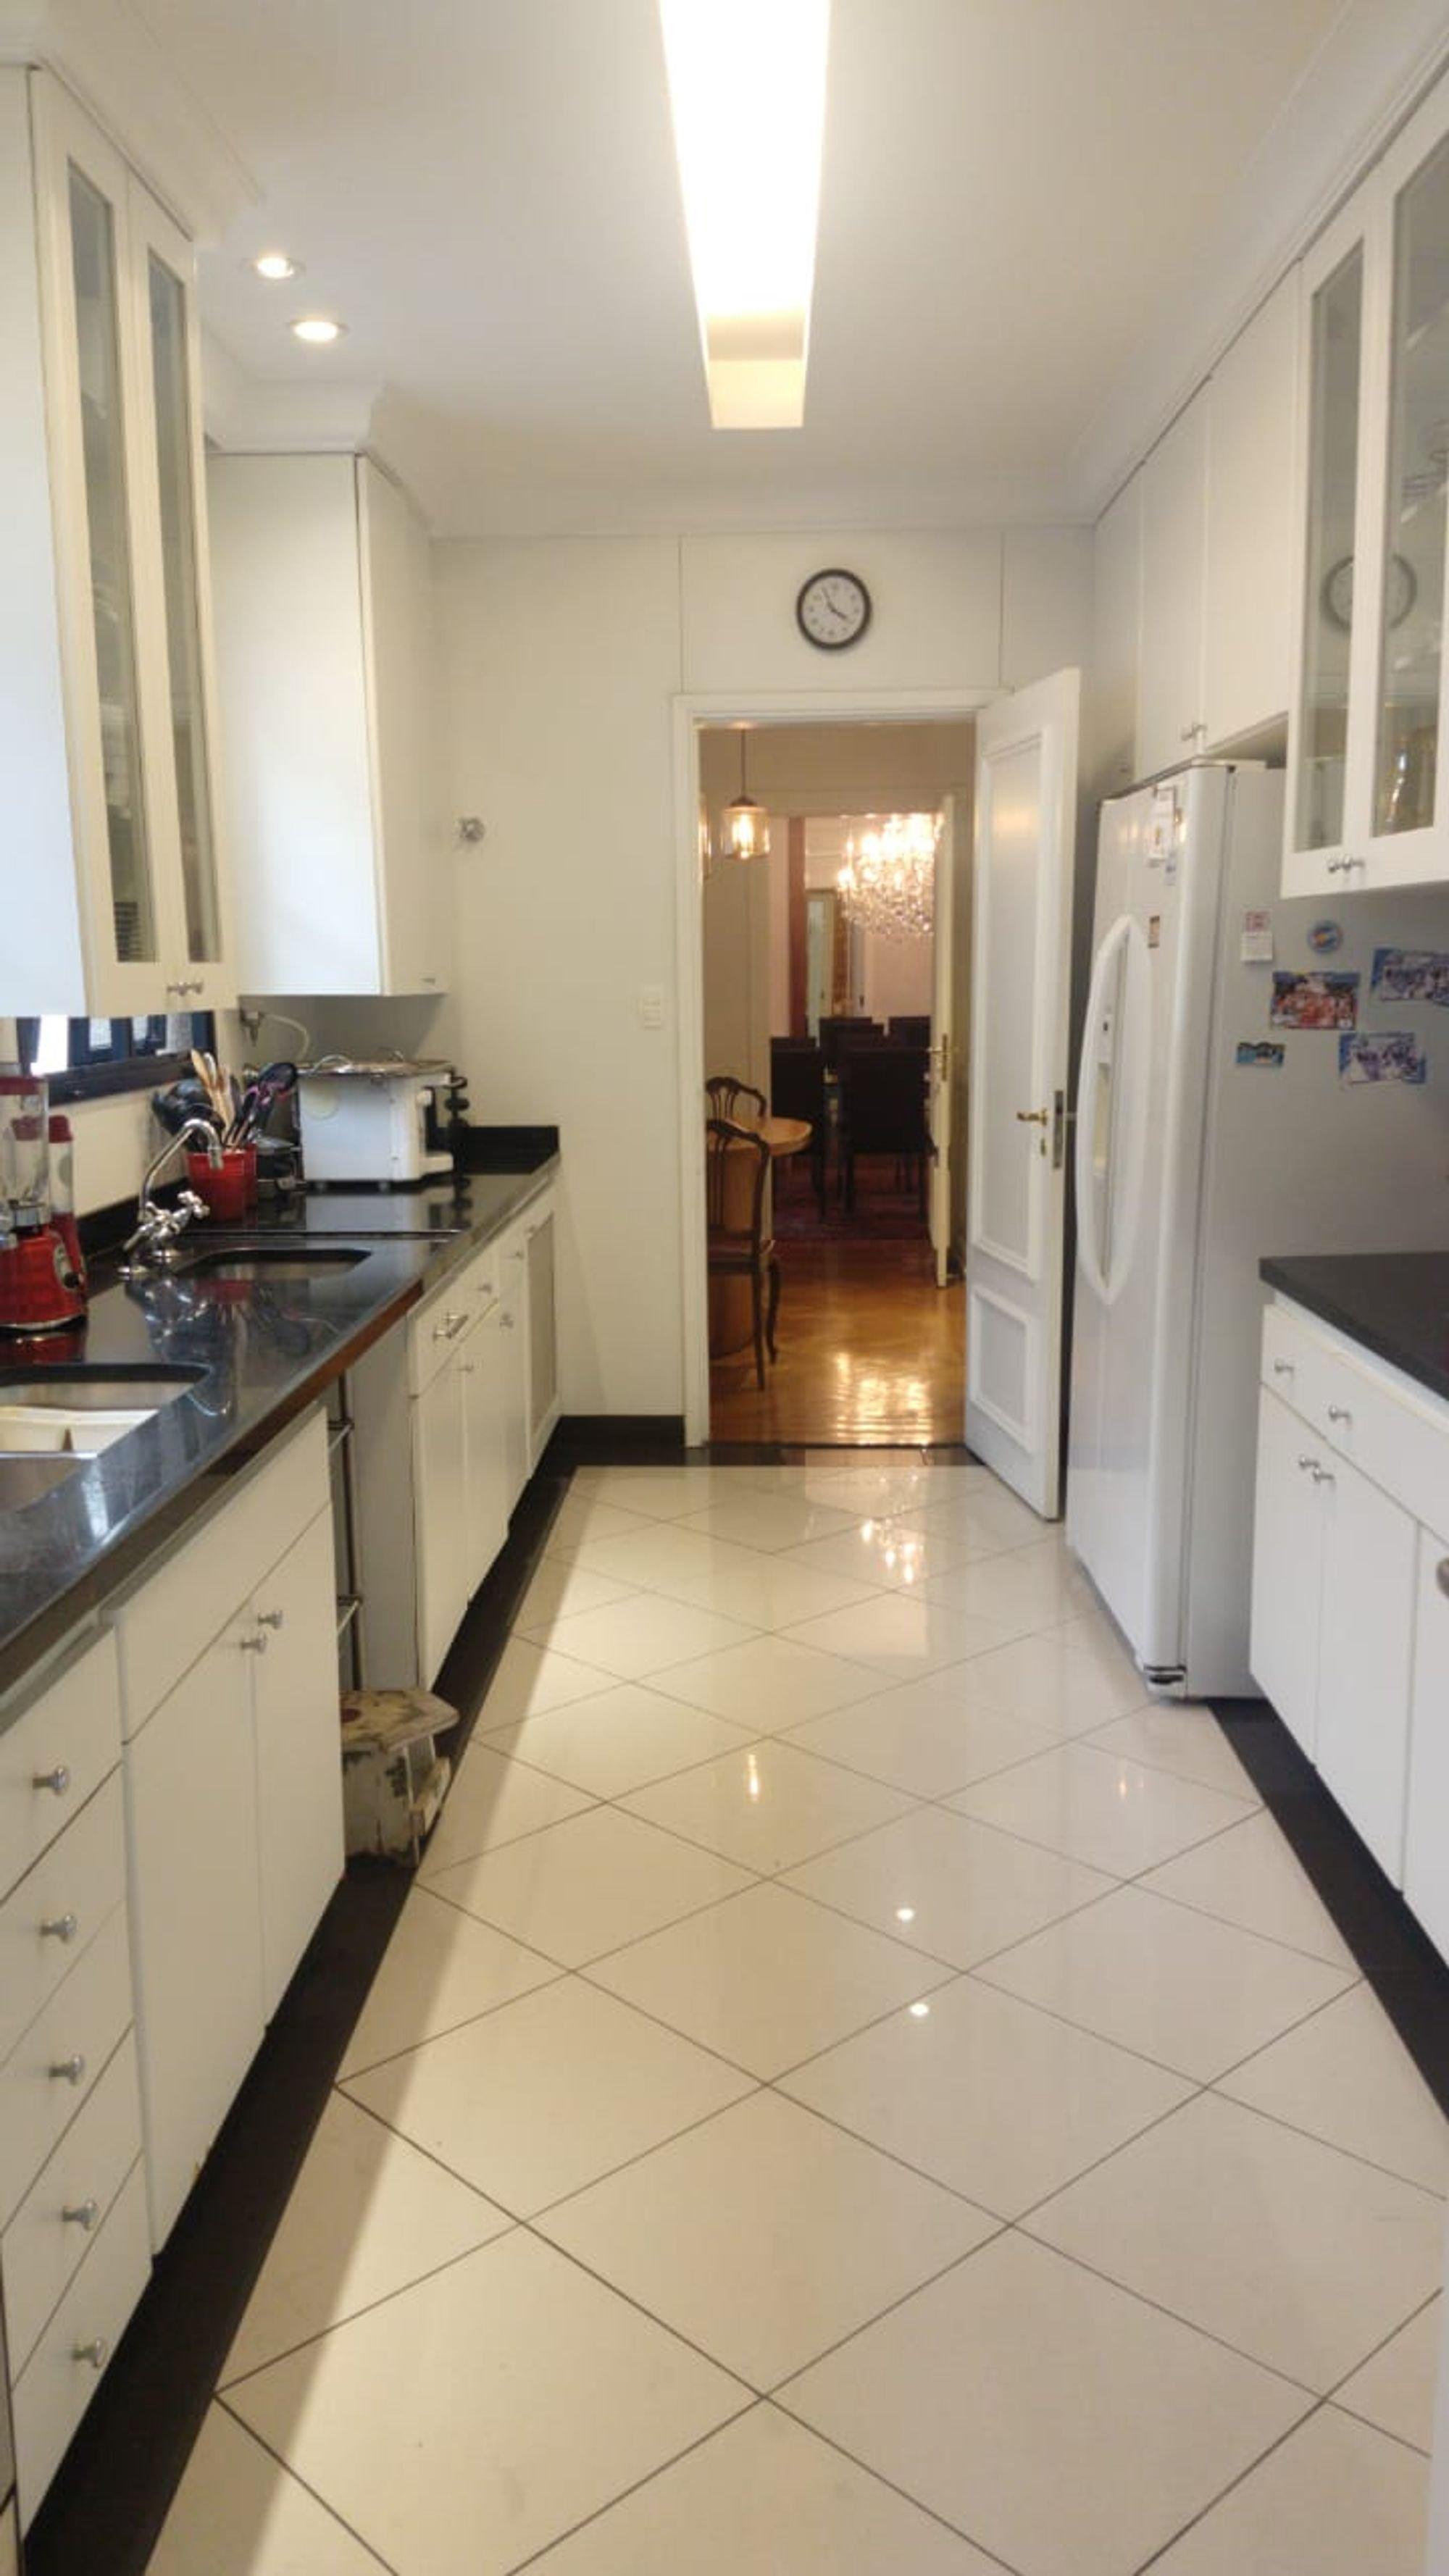 Foto de Cozinha com geladeira, cadeira, relógio